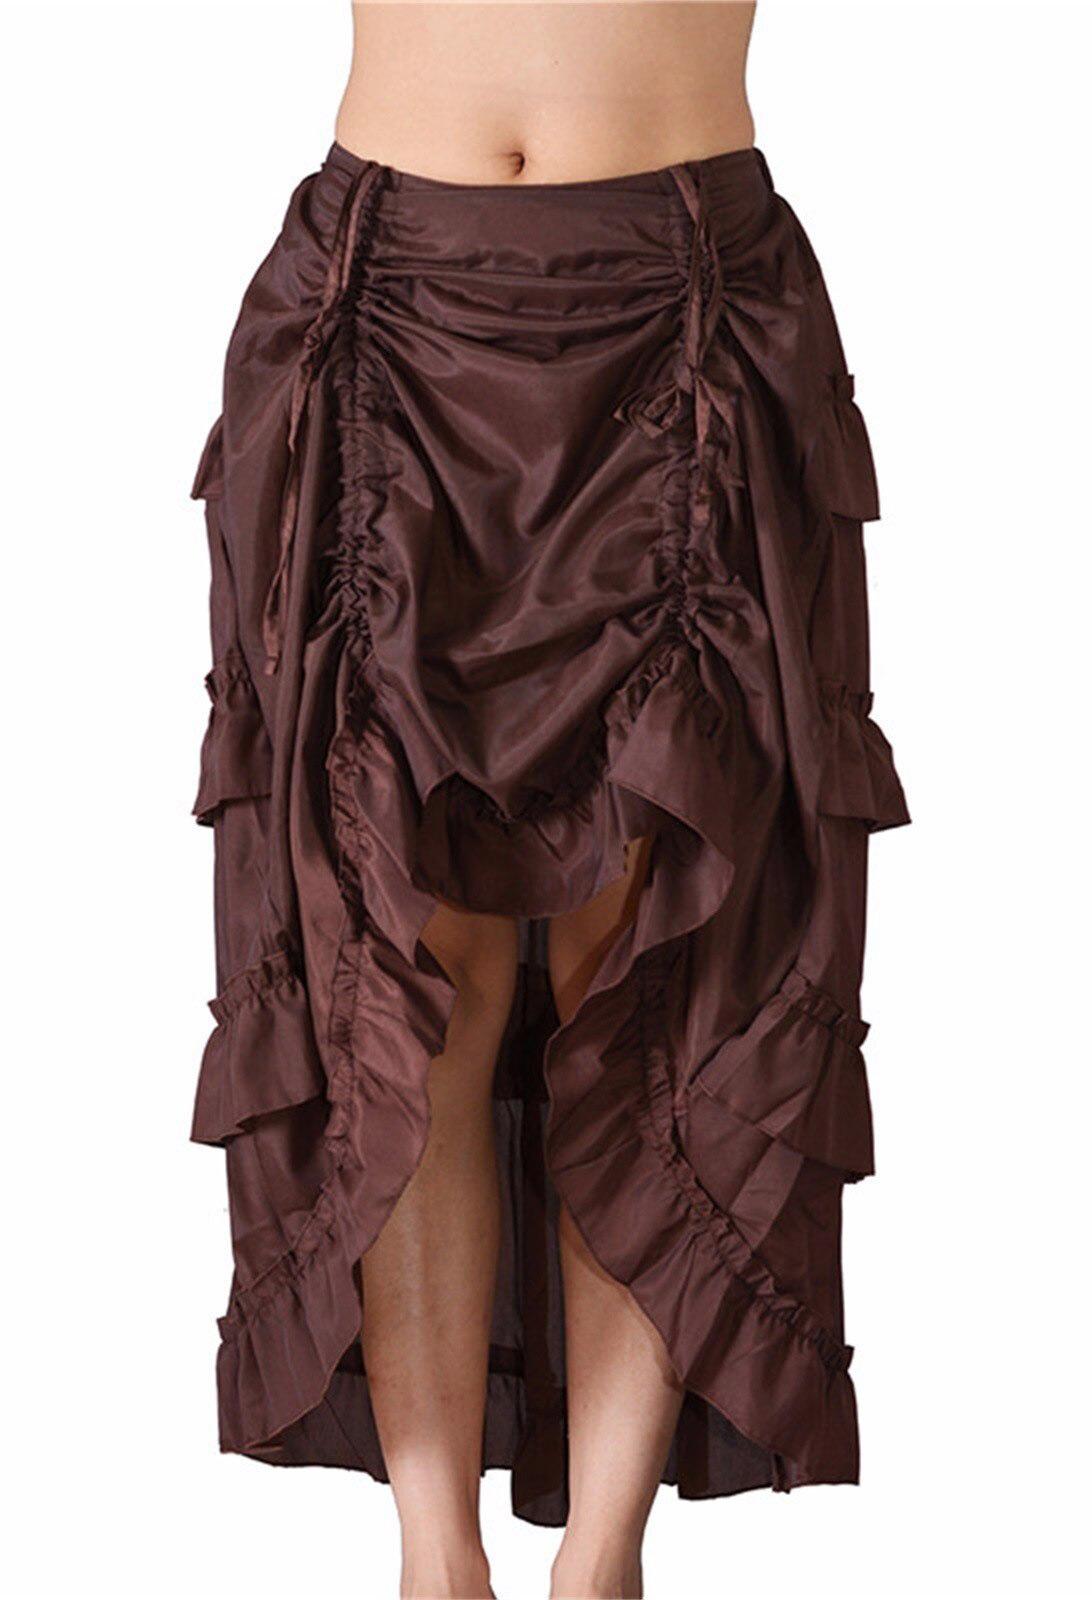 c2dd7f10e60d9 Jupe marron avec étages de froufrous, gothique victorien steampunk